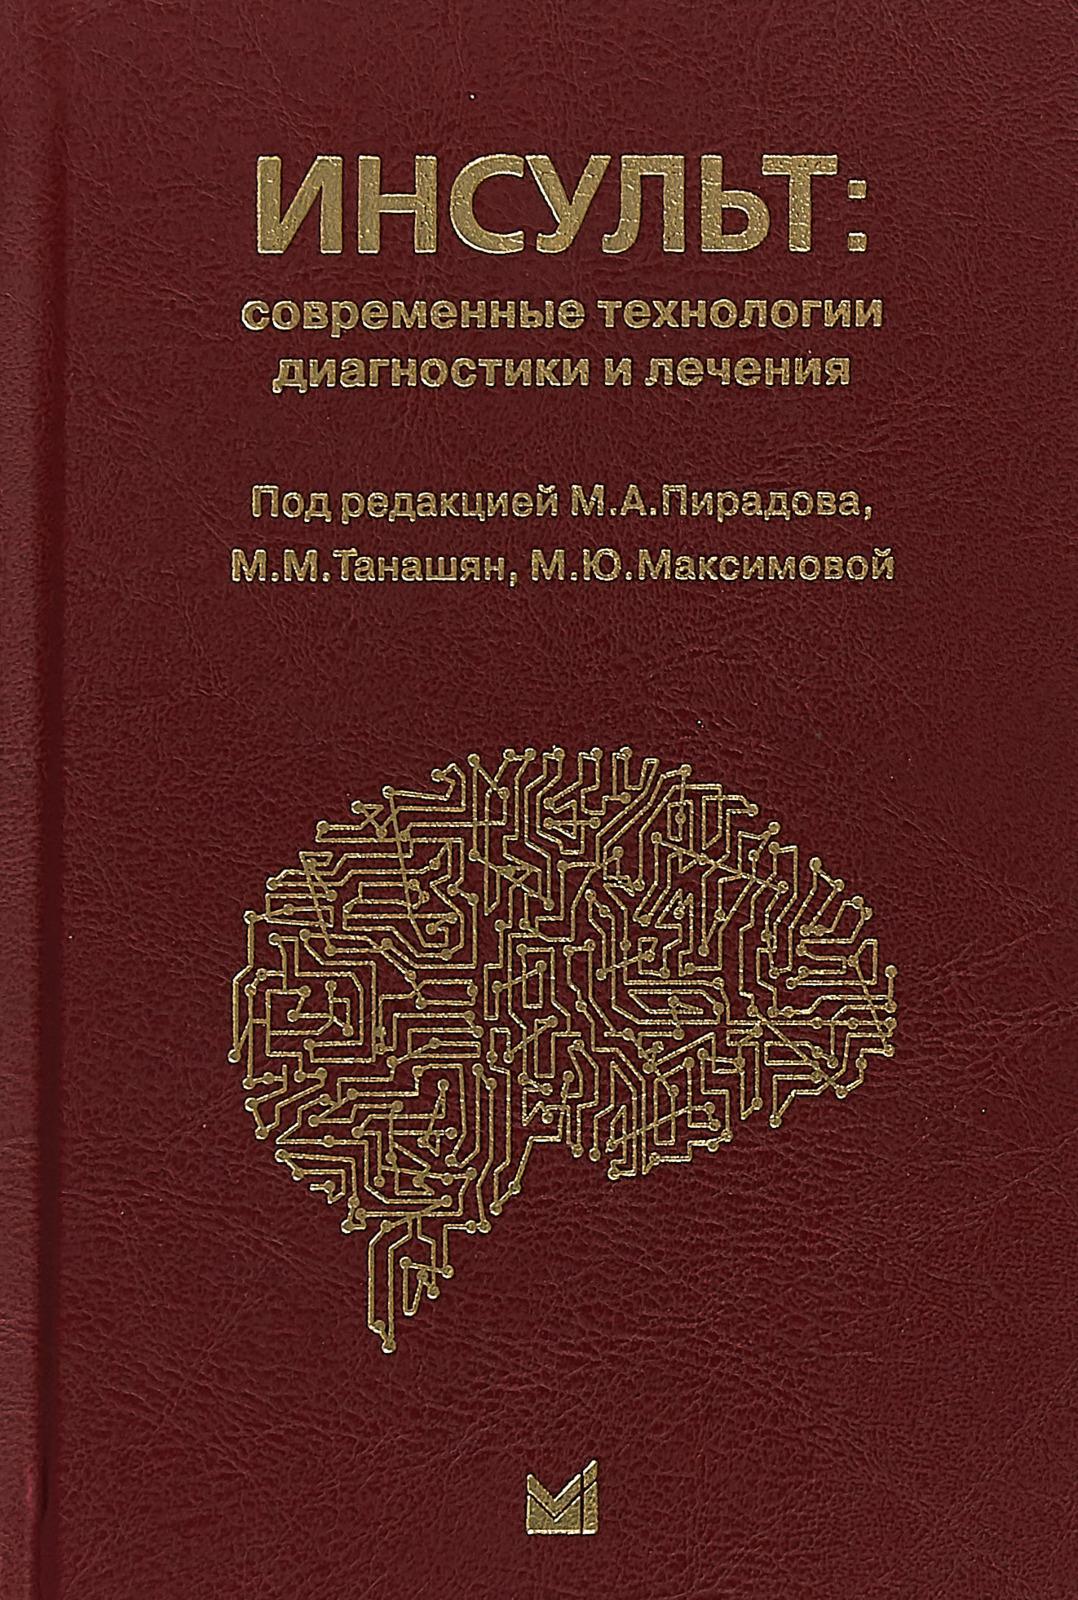 М. А. Пирадов, М. М. Танашян, М. Ю. Максимова Инсульт. Современные технологии диагностики и лечения